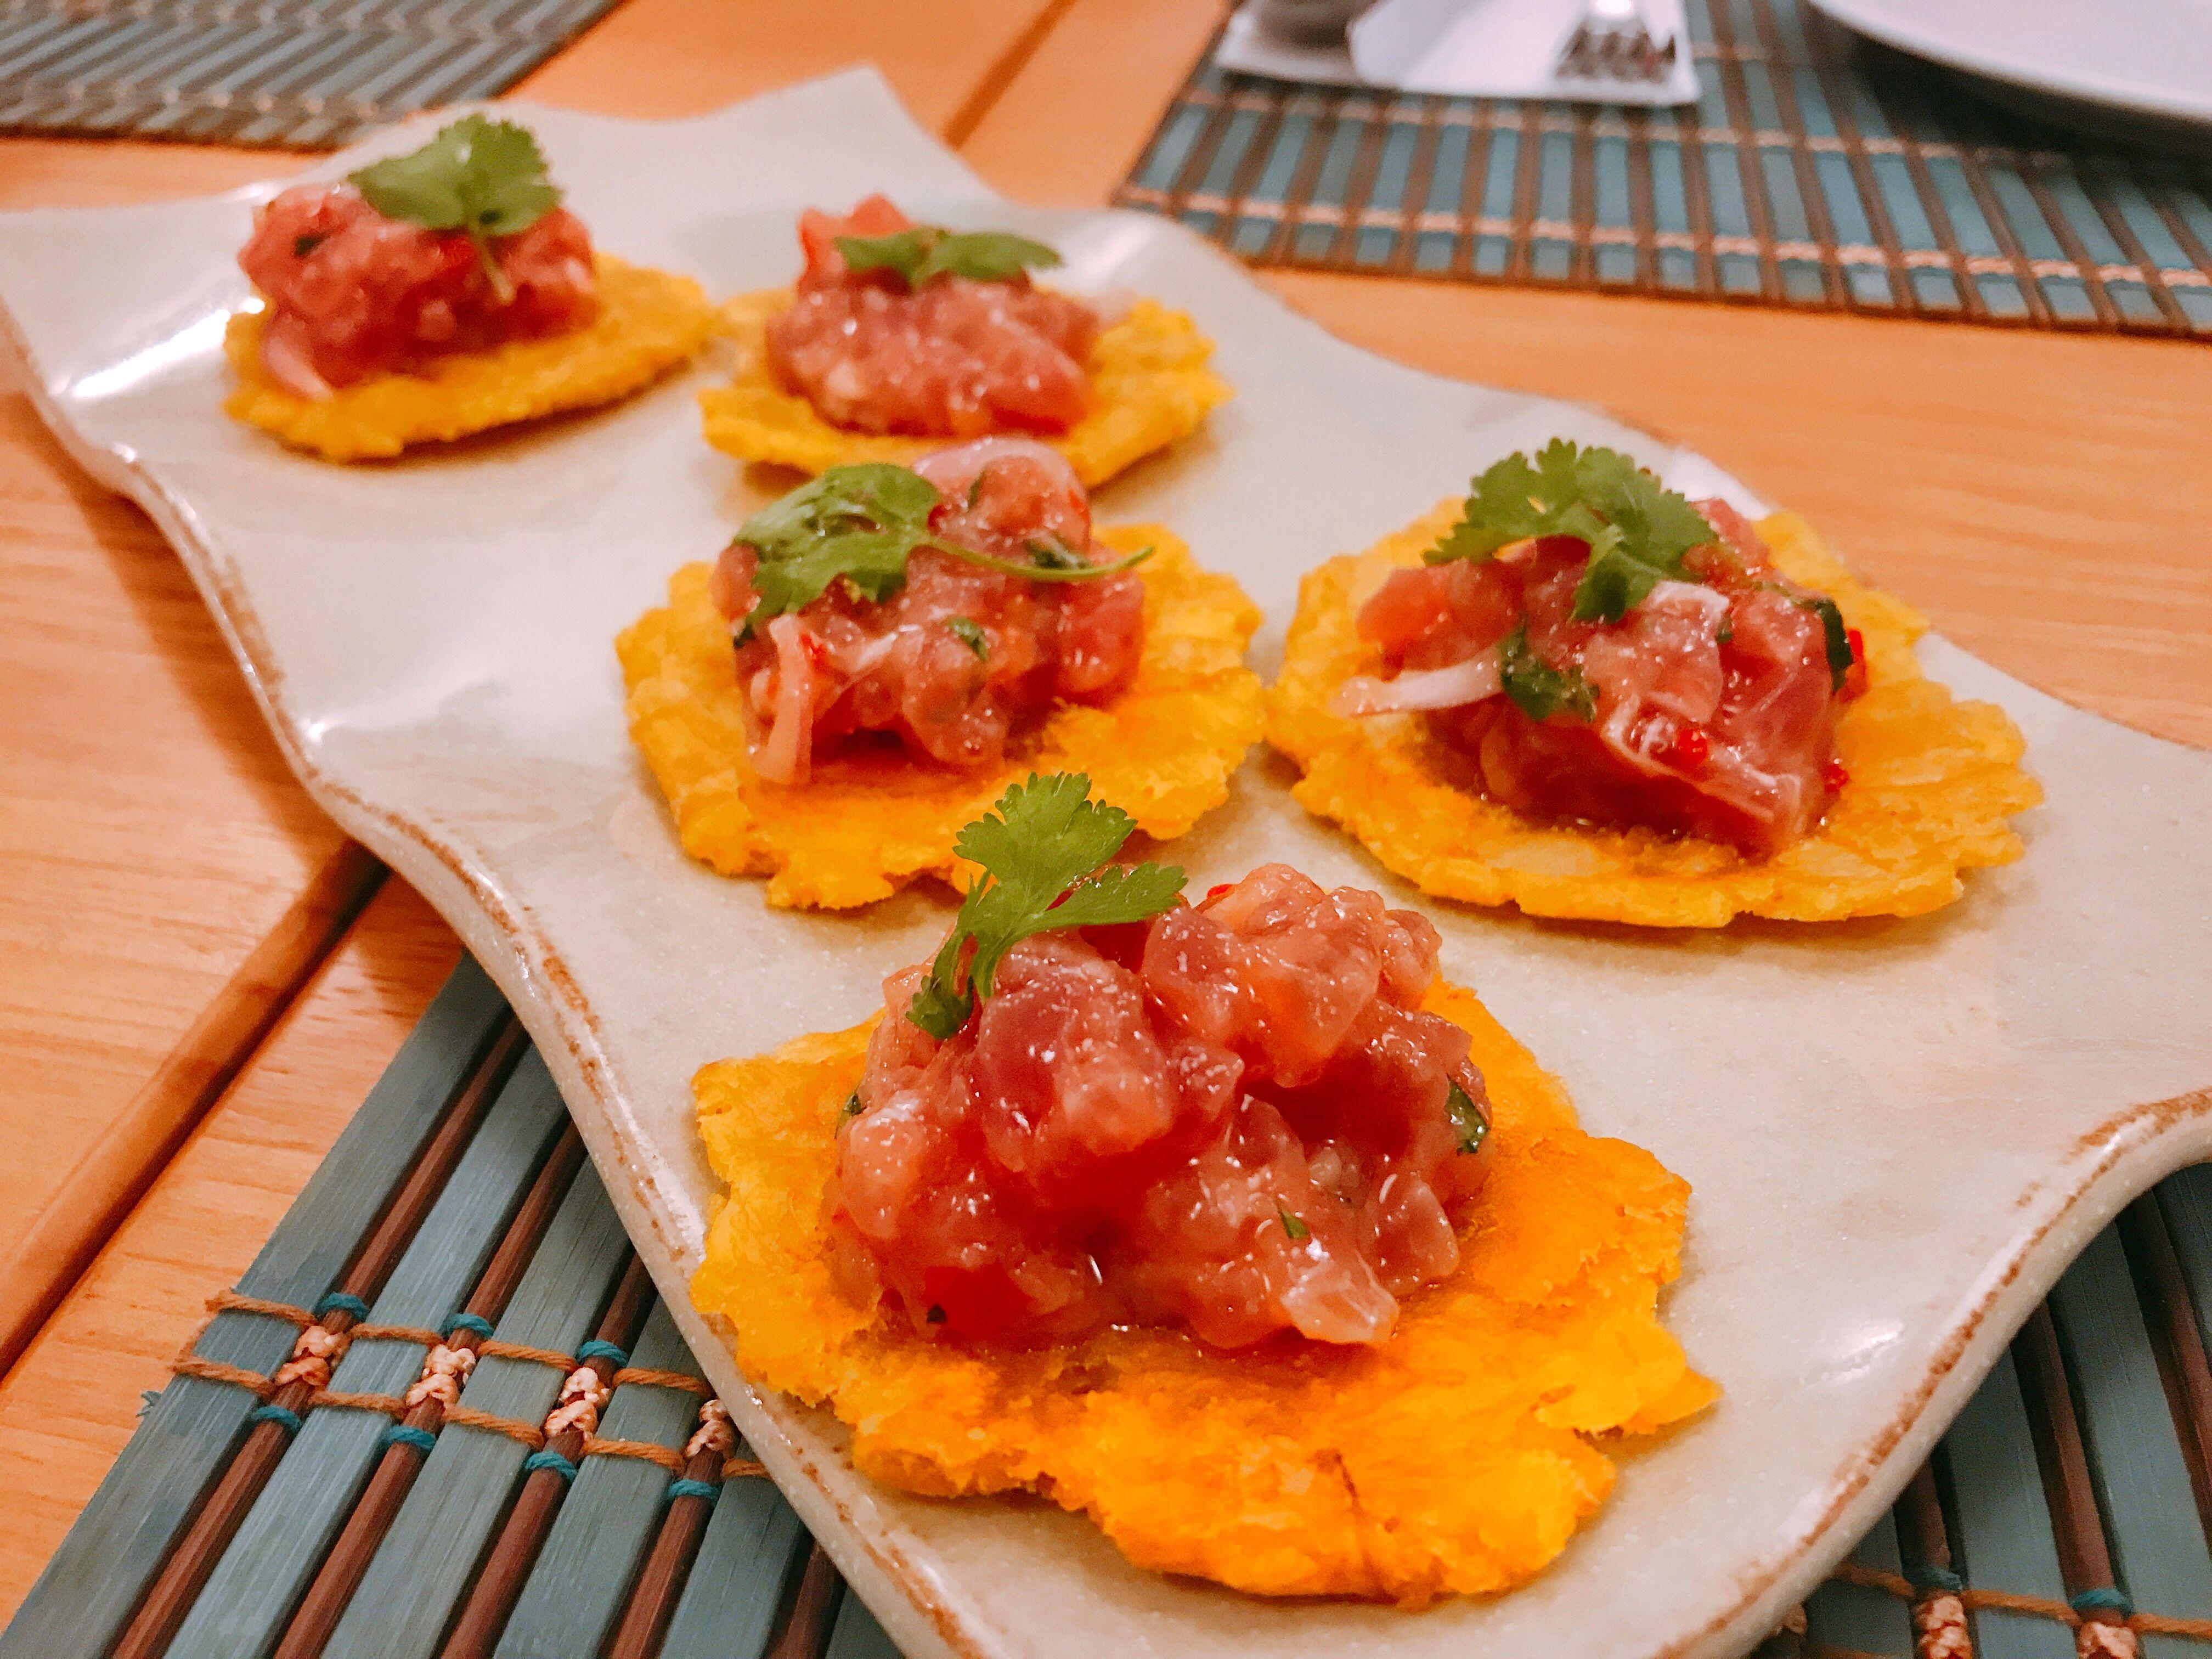 Suri Ceviche Bar Restaurante Peruano Em Pinheiros Sao Paulo Para Dois Ceviche Ideias Comida Etnica